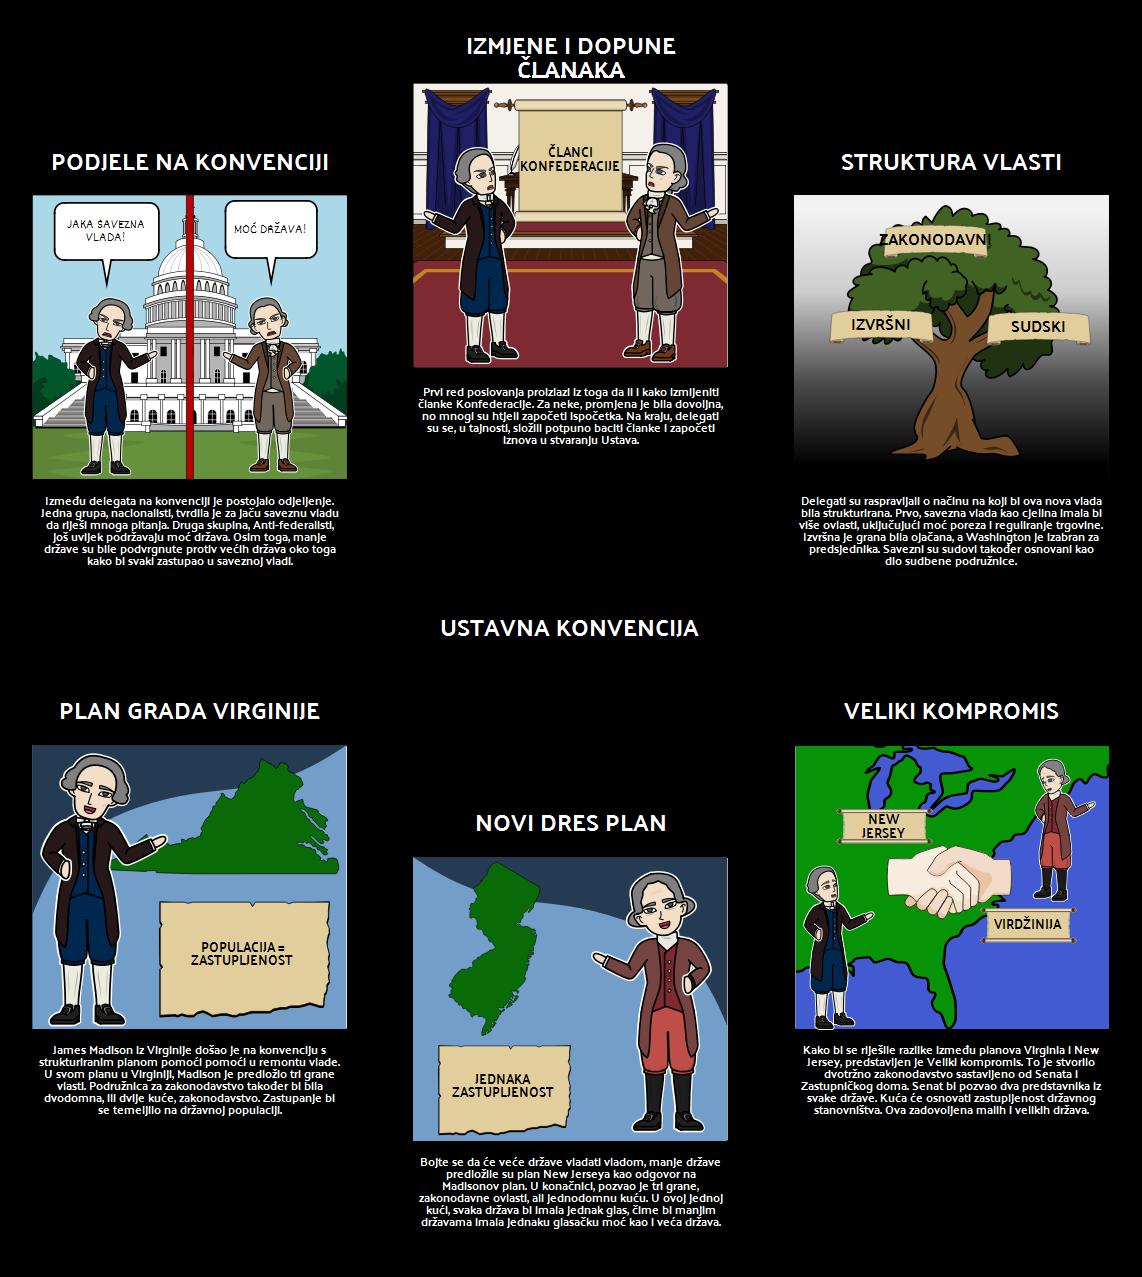 Federalizam - Ustavna Konvencija